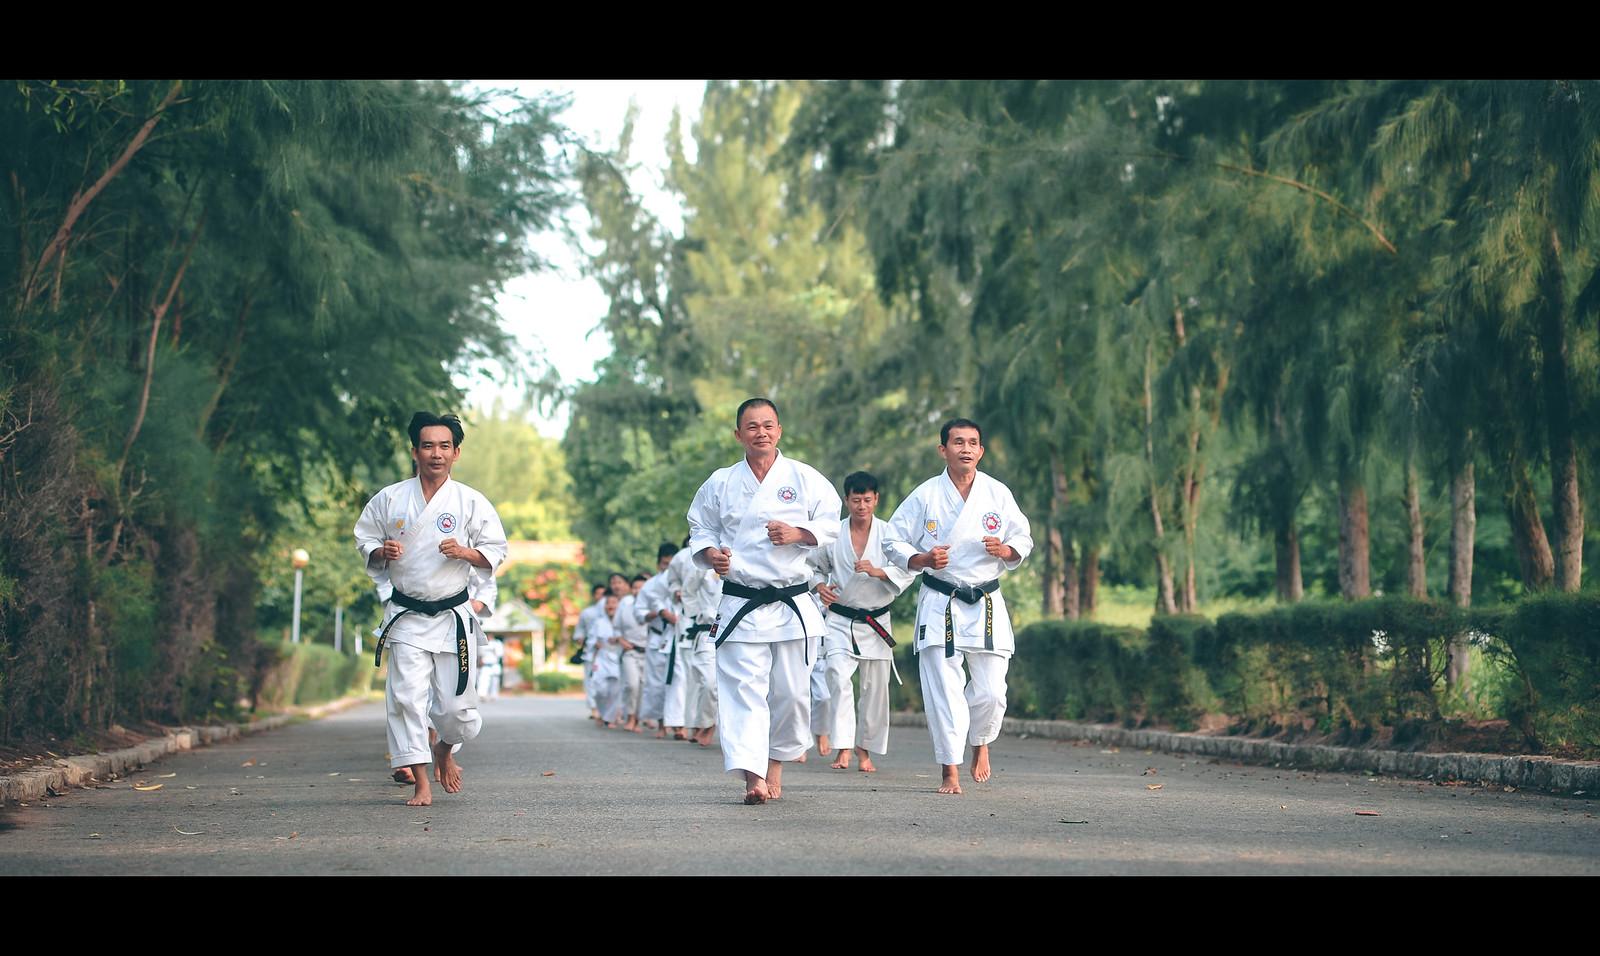 28861530577 b2b3ad48c9 h - Chùm ảnh Karate qua màu phim cực chất